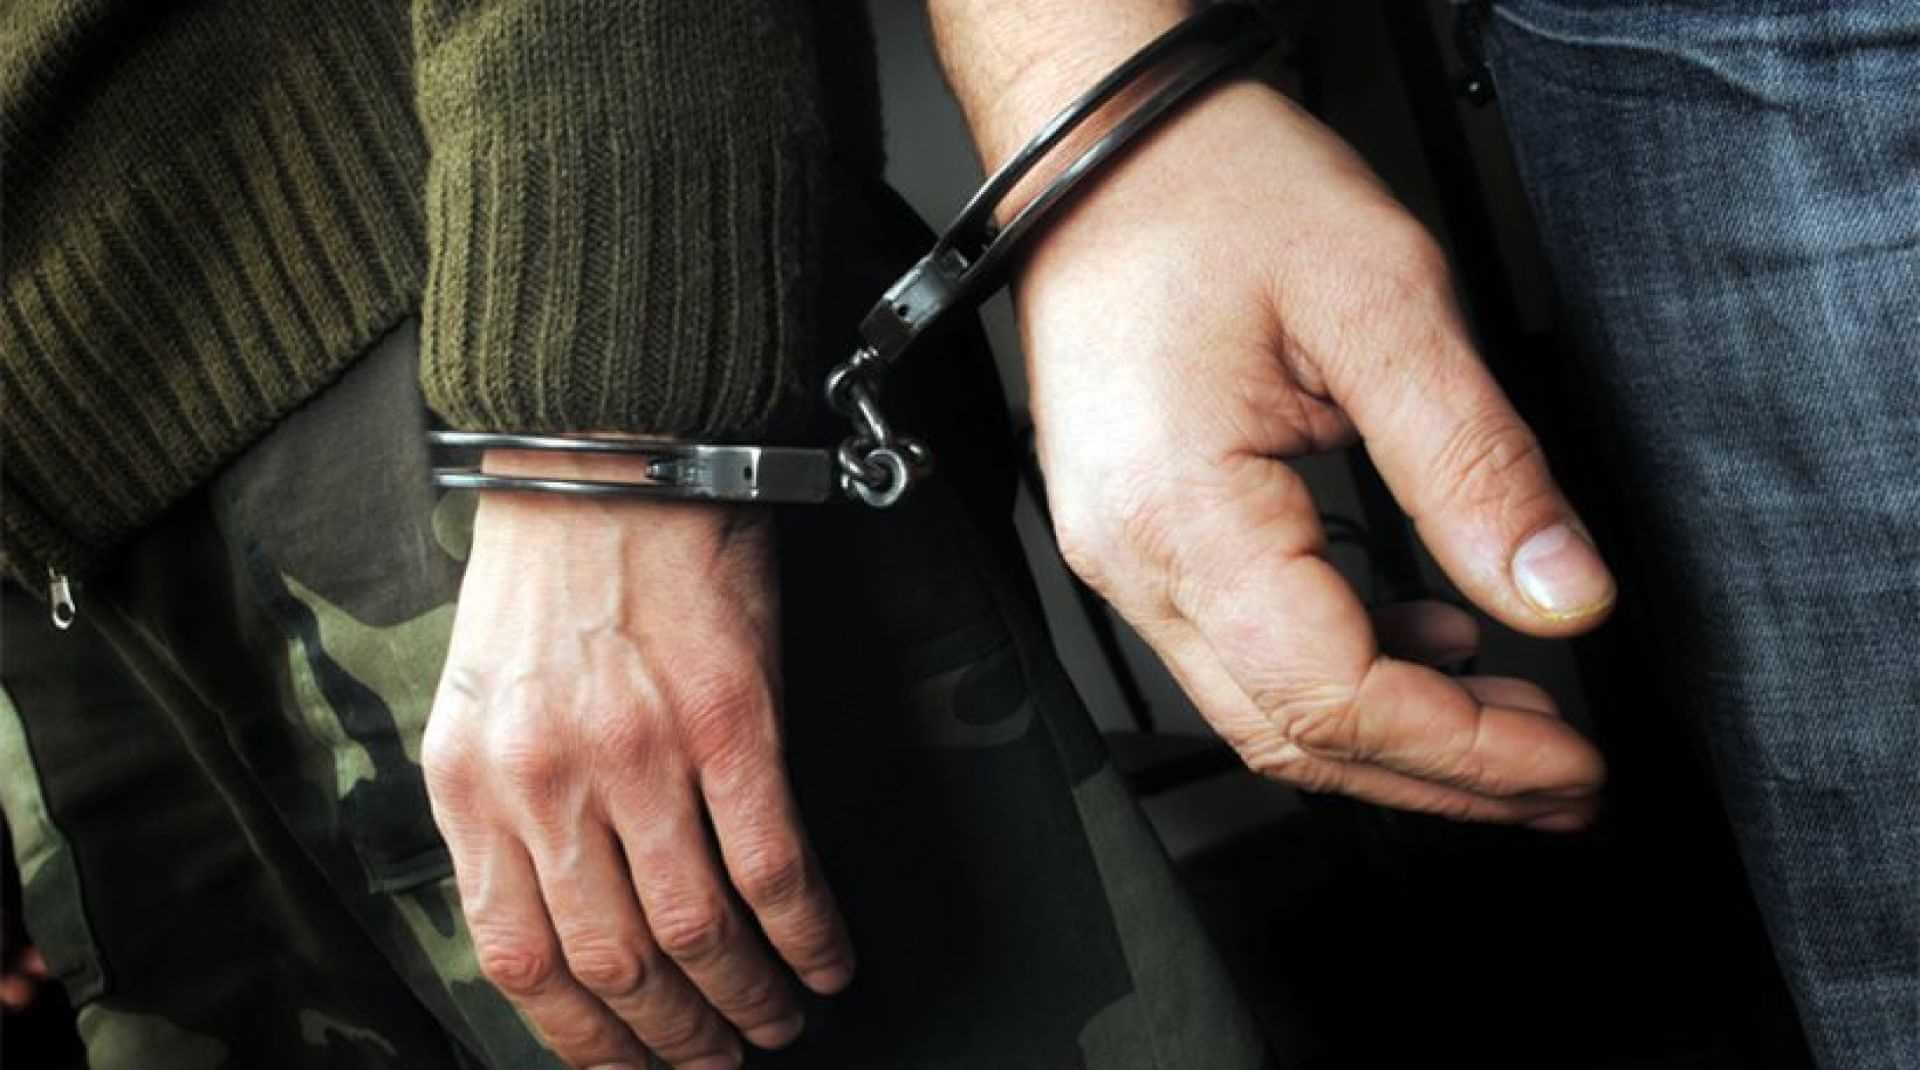 Εξιχνίαση κλοπής και απάτης σε περιοχή της Καστοριάς